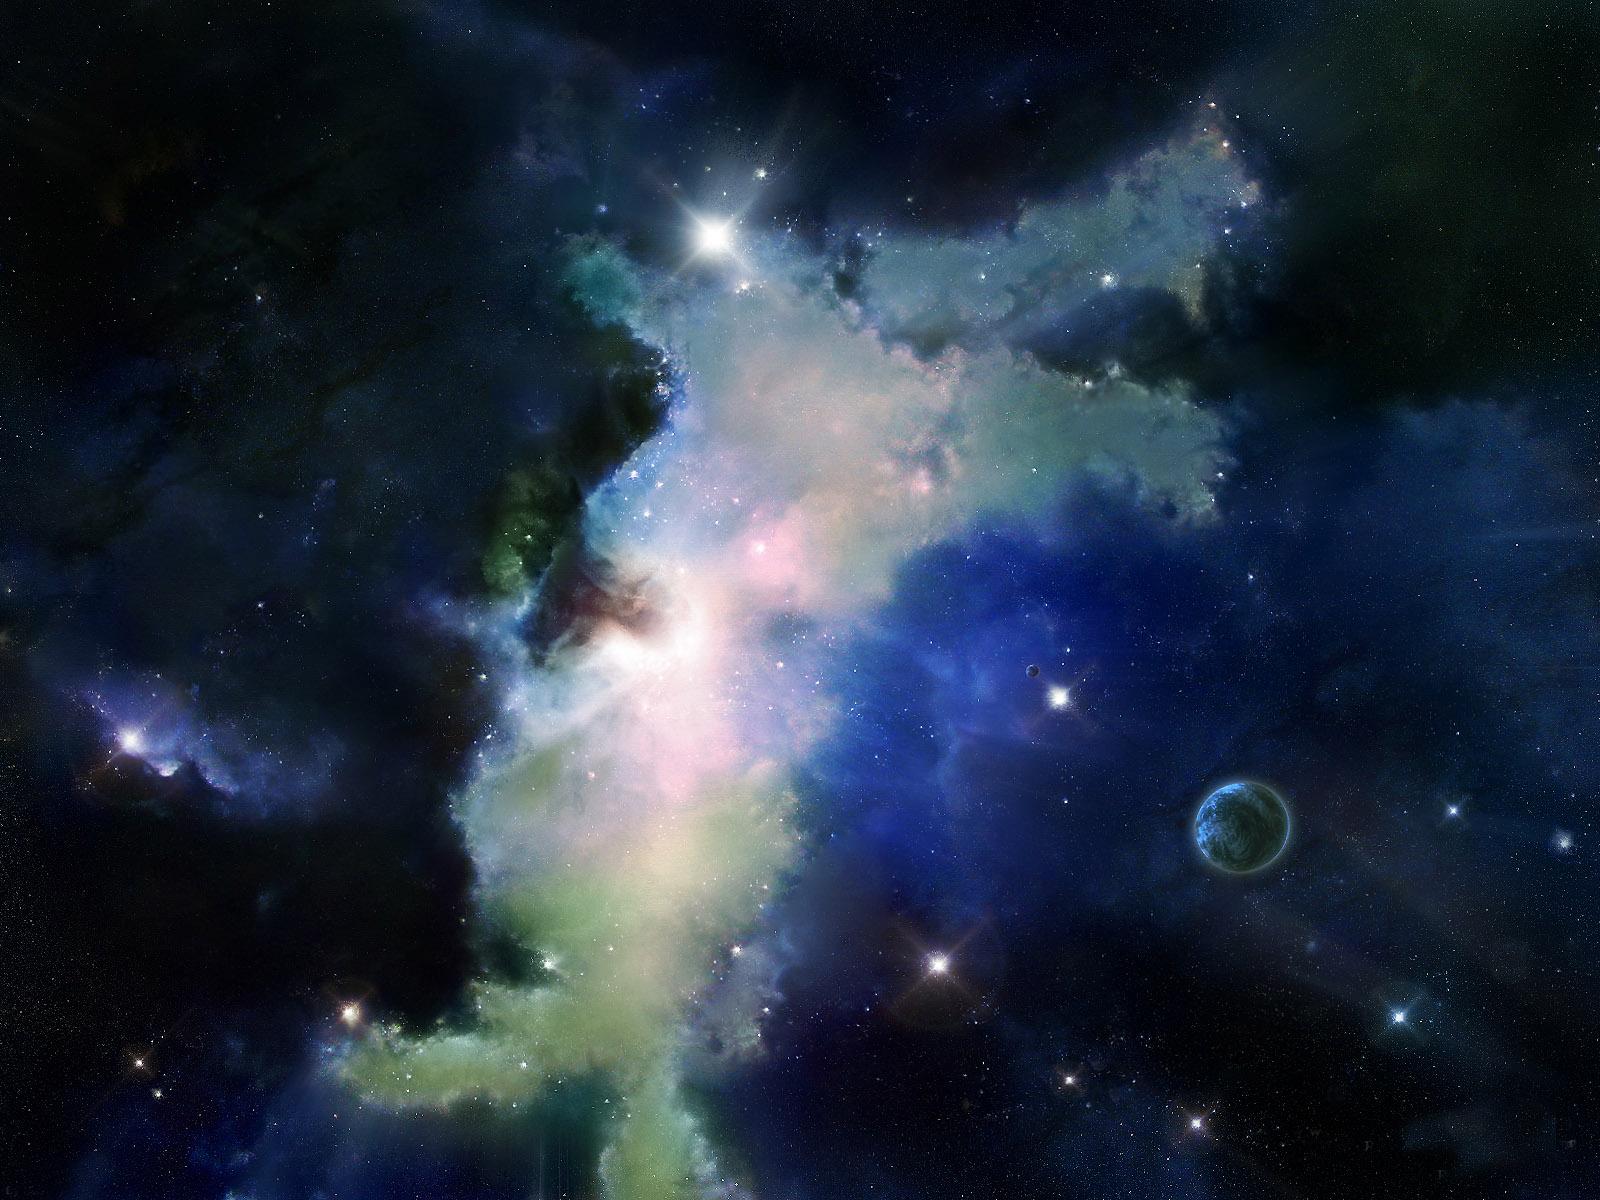 космос, фото, звезды и планеты, скачать